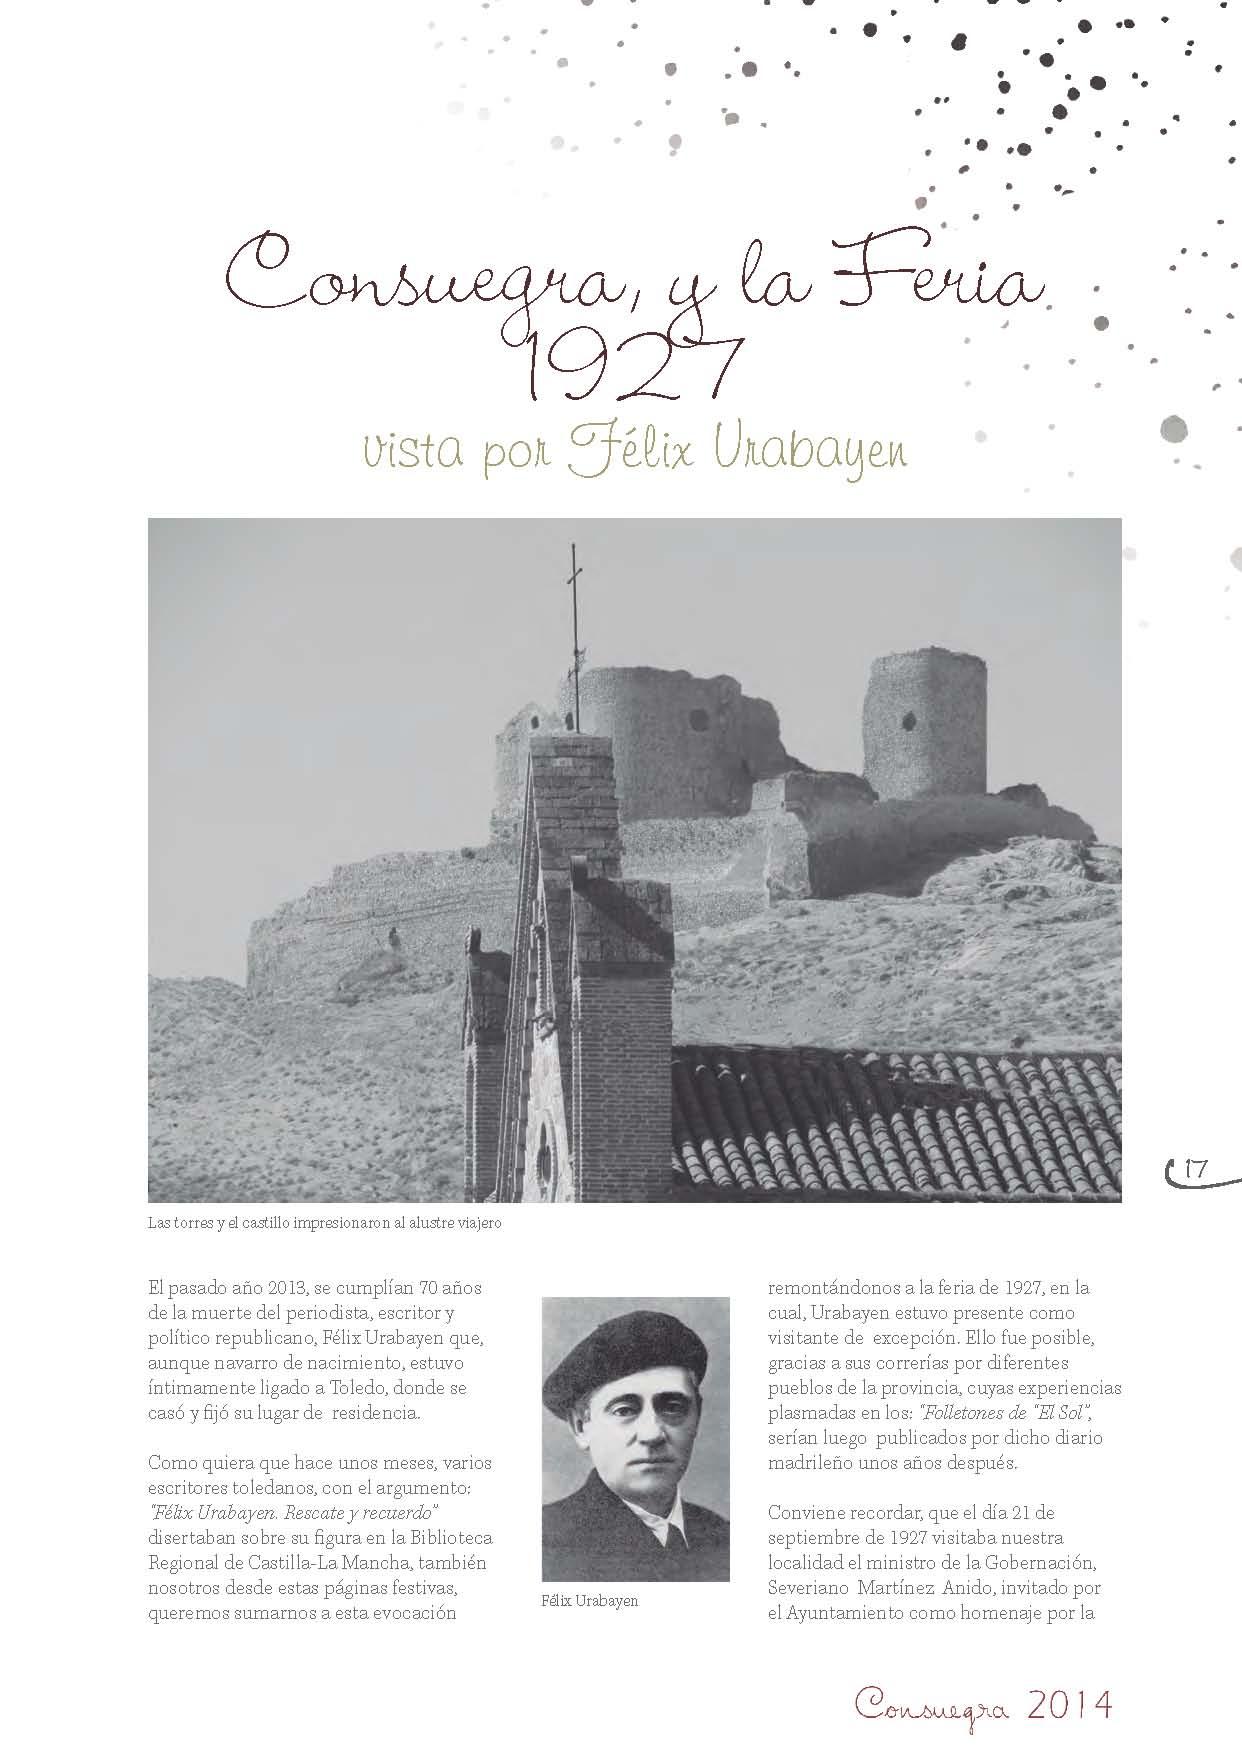 consuegra-y-feria1921-articulo-ferias2014-juliogortiz_Pgina_1.jpg - 153.31 KB